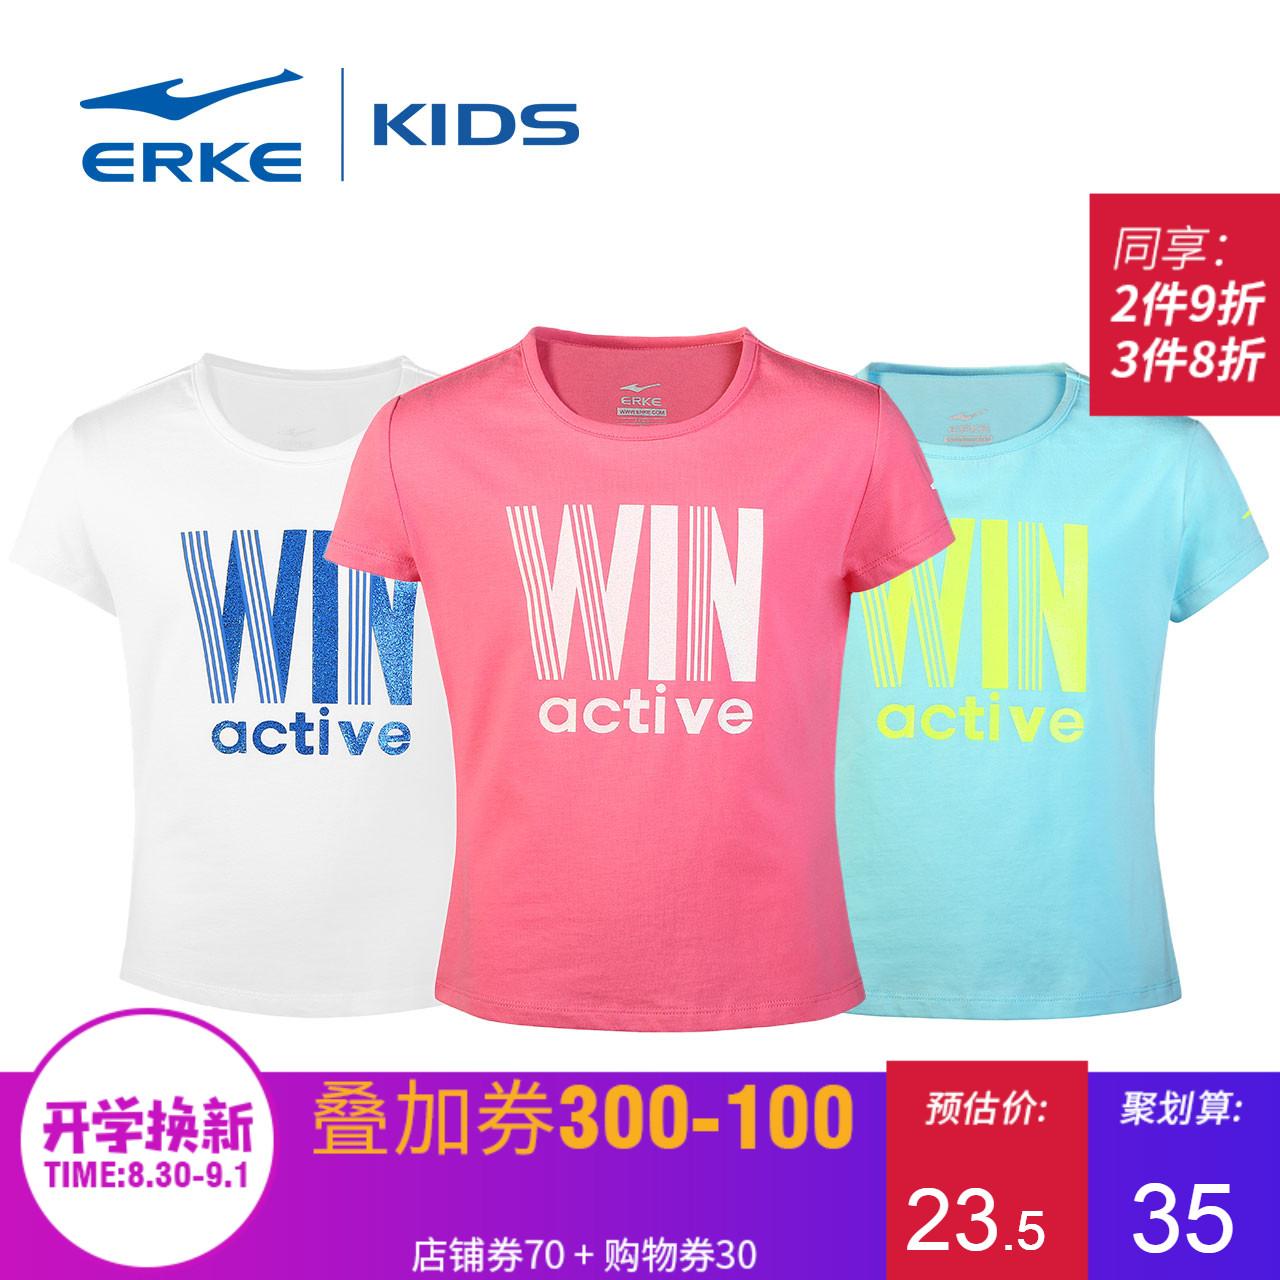 鸿星尔克童装新款运动短袖儿童纯色T恤中大童女童休闲衣服透气t恤